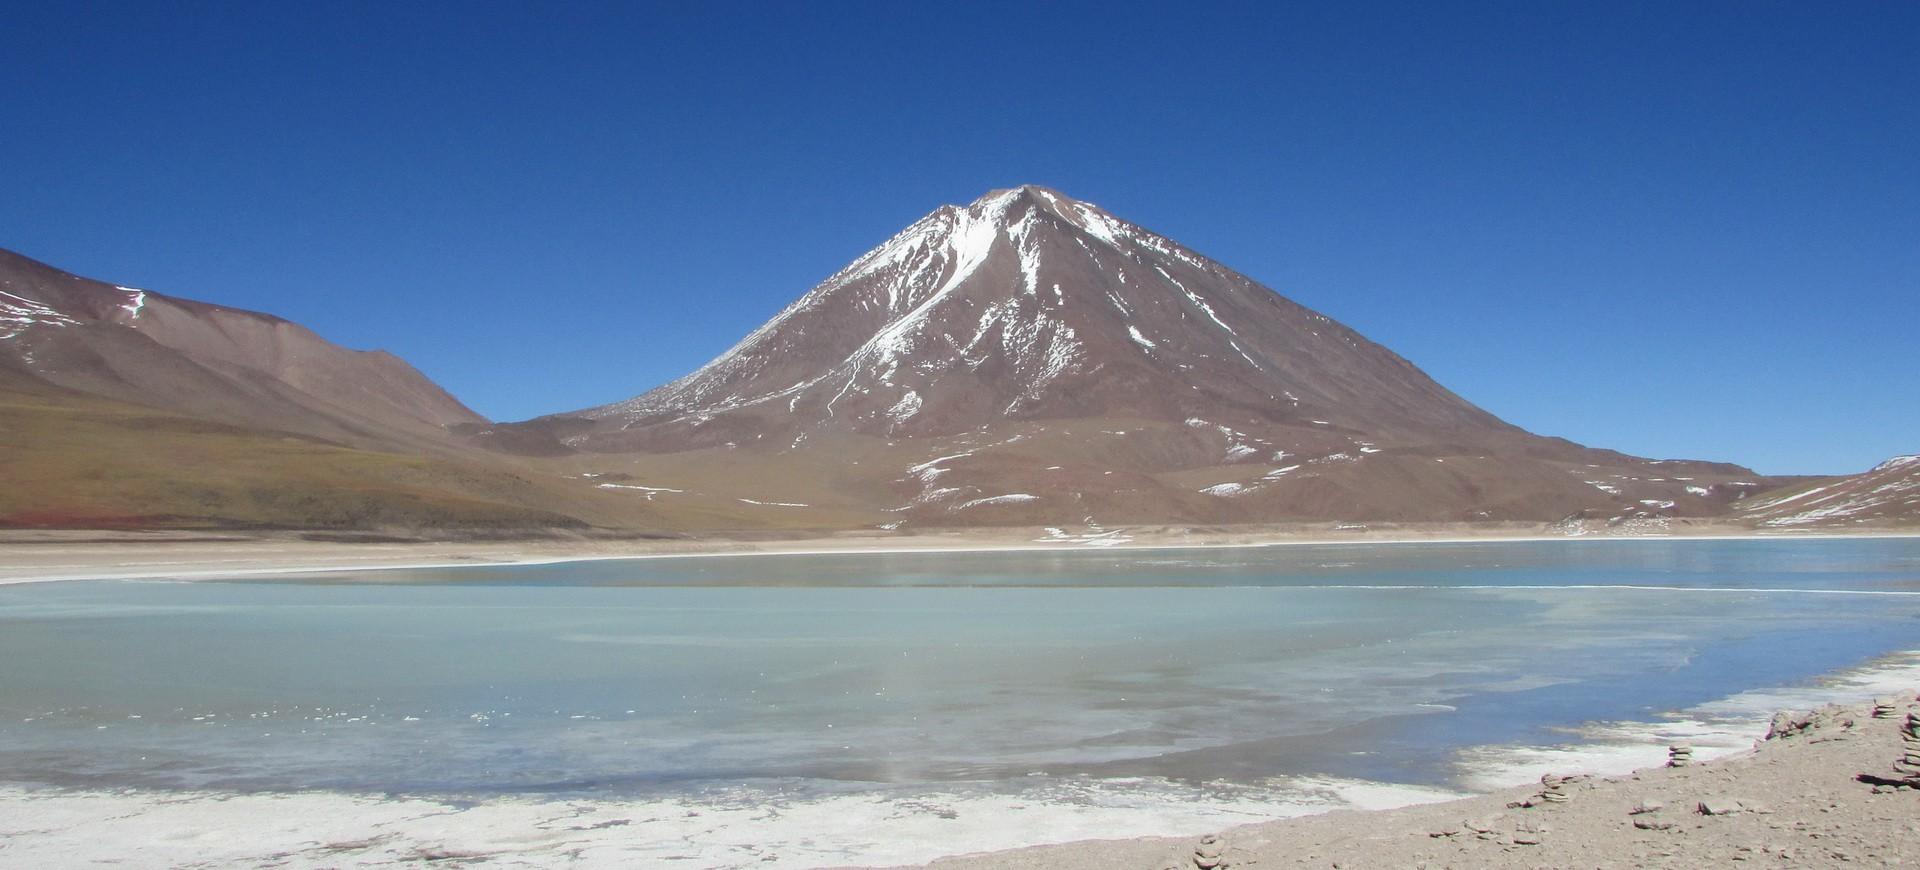 Le lac Laguna Verde au pied du Volcan Llicancabur en Bolivie